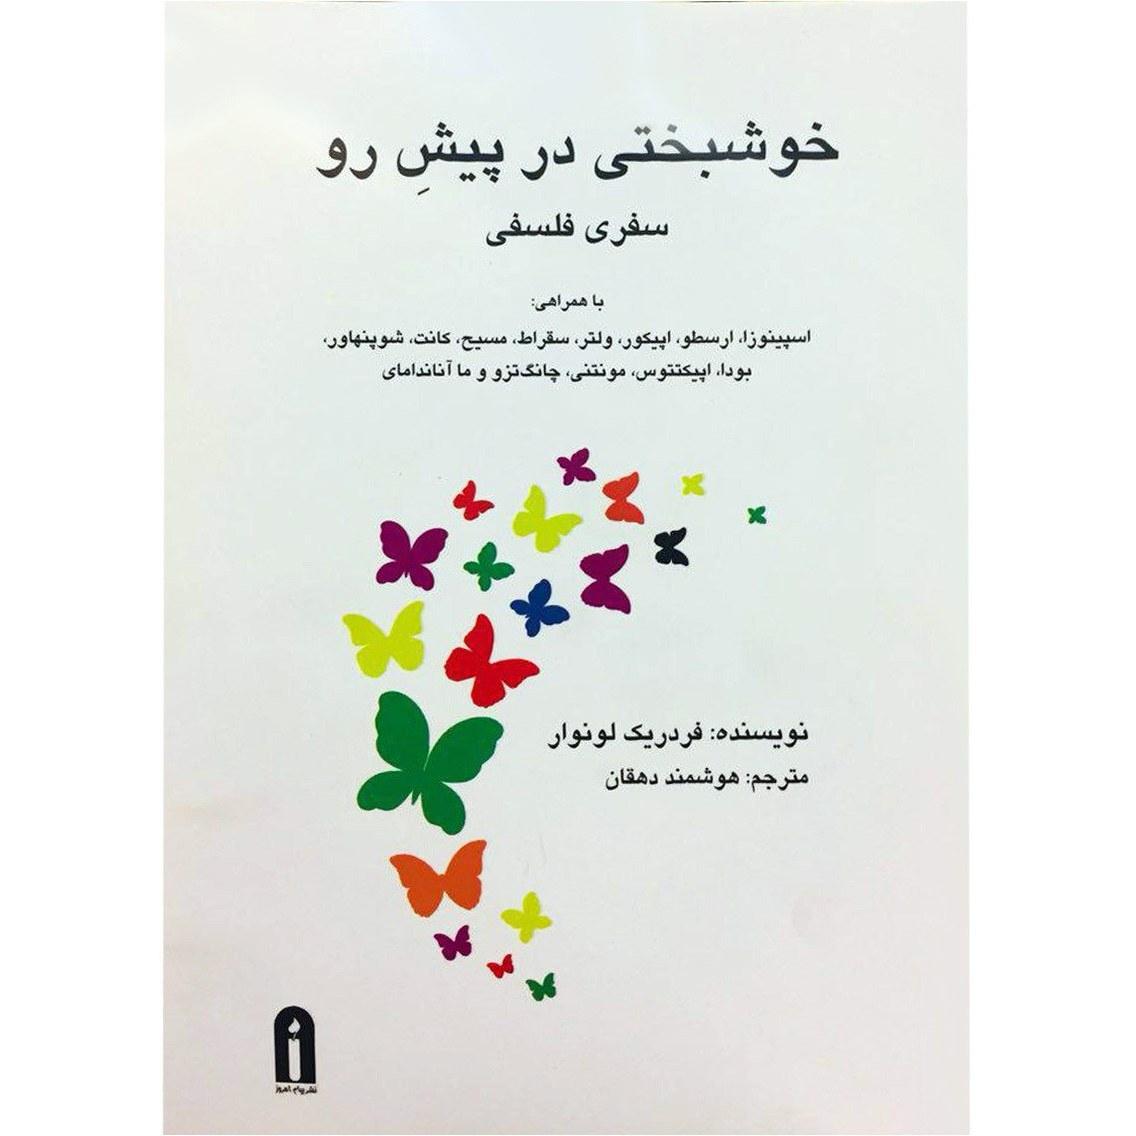 کتاب خوشبختی در پیش رو اثر فردریک لونوار